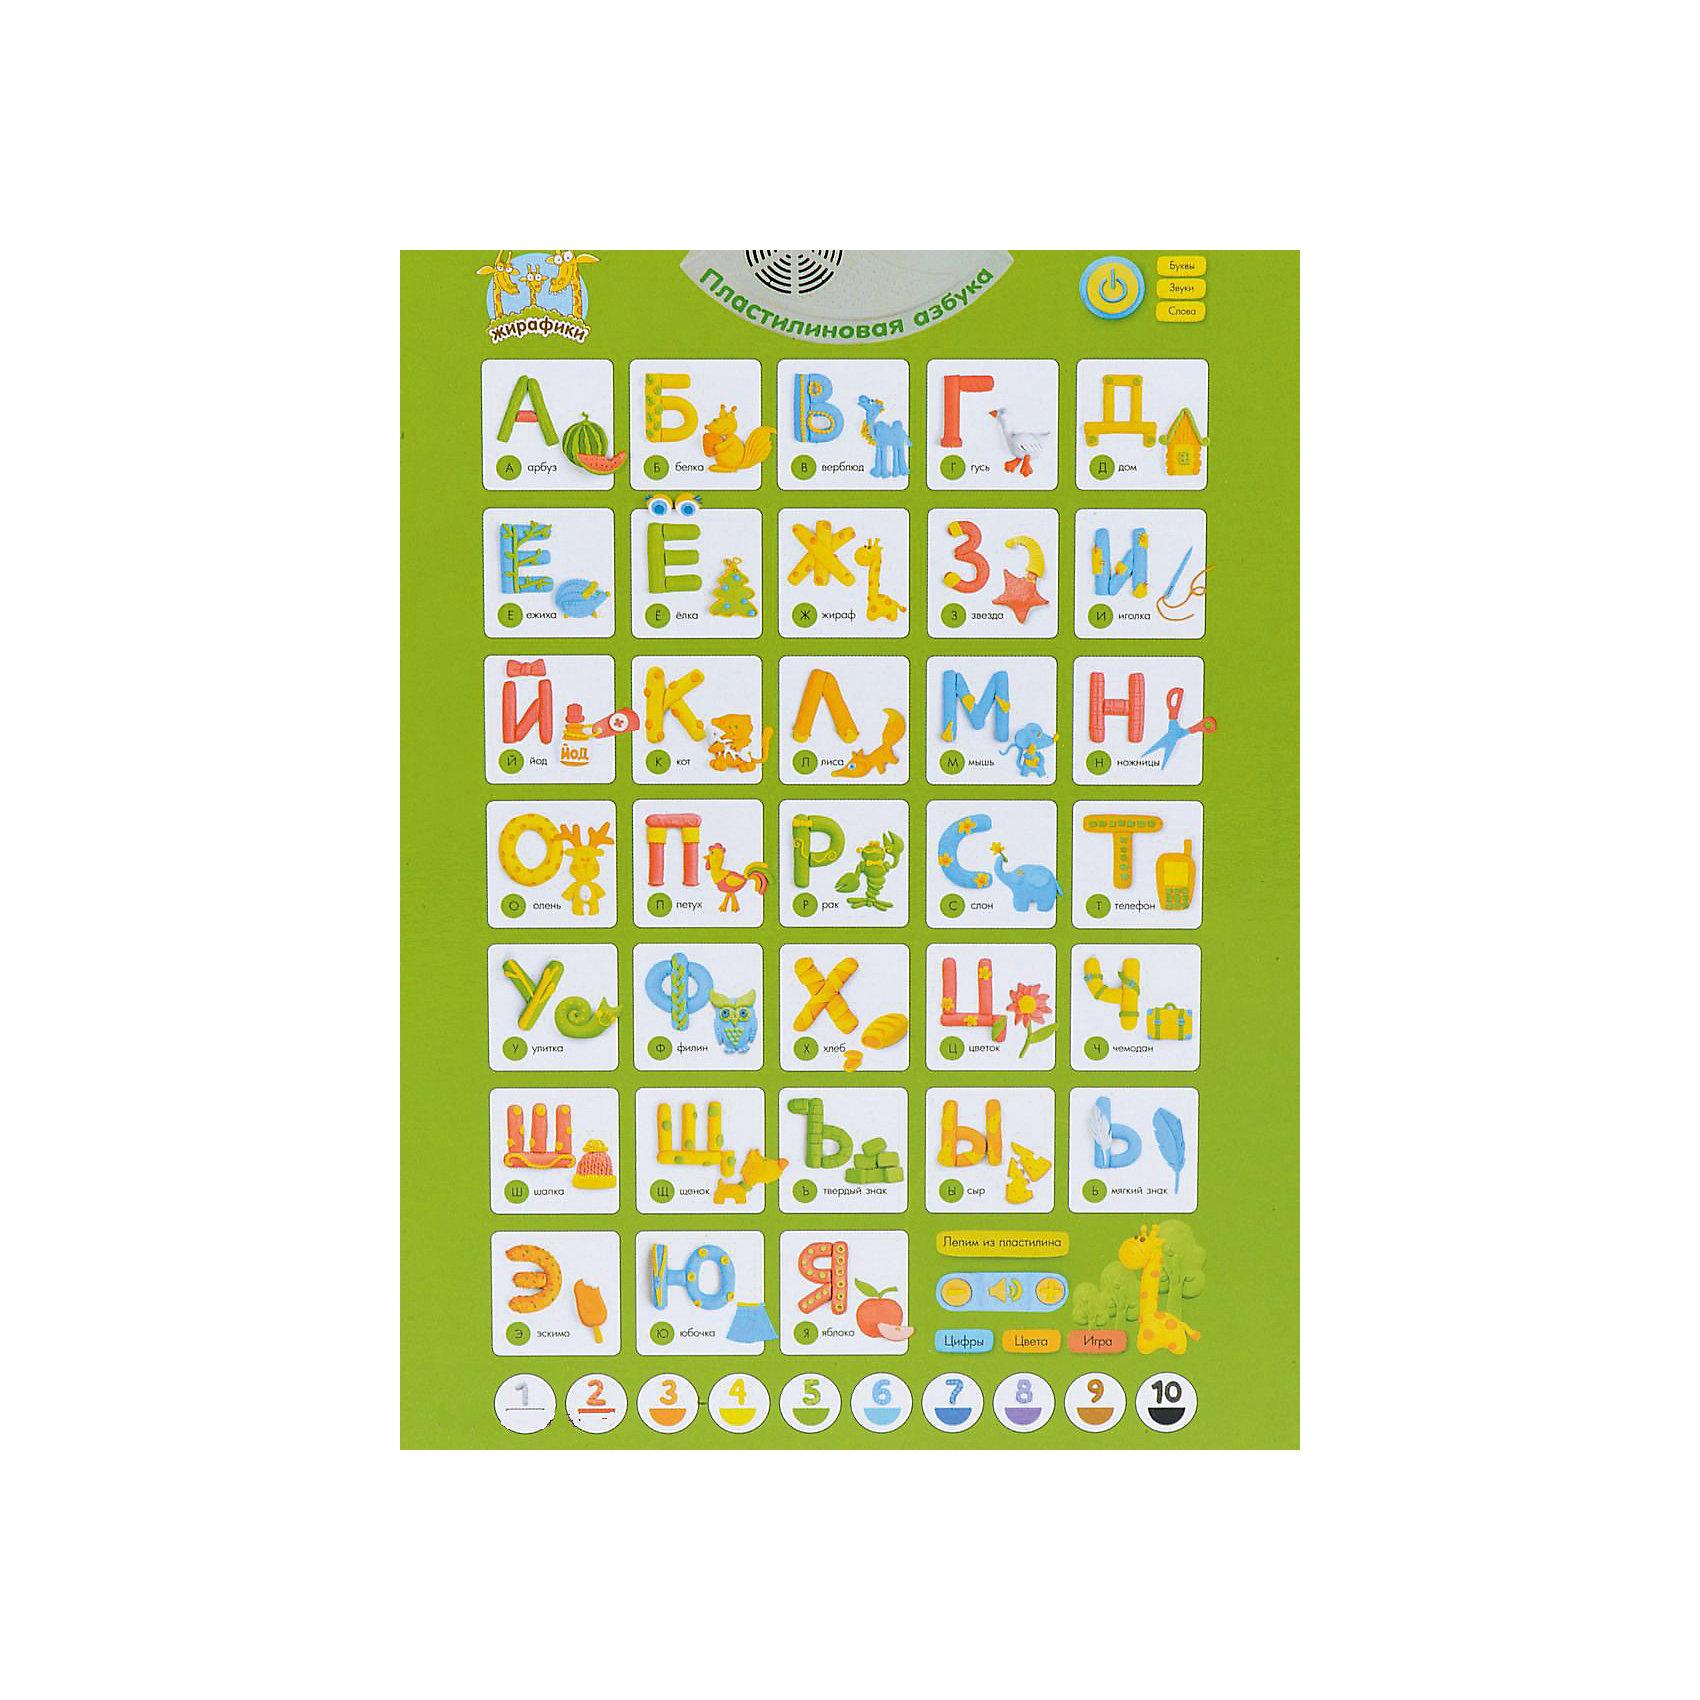 Электронный плакат Жирафики Пластилиновая азбука (звук)Интерактивные игрушки для малышей<br>Характеристики:<br><br>• 7 режимов обучения: буквы, звуки, слова, цифры, цвета, игра, Лепим из пластилина;<br>• оценка выполненного задания;<br>• в комплекте: плакат, методические рекомендации;<br>• возраст: от 3-х лет;<br>• батарейки: ААА - 3 шт. (не входят в комплект);<br>• материал: пластик;<br>• размер упаковки: 21х3,5х46 см;<br>• вес: 375 грамм;<br>• страна бренда: Россия.<br><br>Умный плакат поможет родителям в обучении ребёнка в игровой форме. Плакат имеет семь режимов обучения, которые помогут малышу узнать о буквах, звуках, цифрах, цветах и словах. Специальный режим обучения научить ребенка лепить буквы из пластилина с помощью веселых,  запоминающих песенок.<br><br>На плакате нарисованы 33 буквы русского алфавита. Рядом с ними расположены слова, начинающиеся на соответствующую букву. В комплект входит методичка с рекомендациями для проведения занятий.<br><br>Плакат создан по методике Екатерины и Сергея Железновых. Способствует развитию мелкой моторики, памяти, речи, внимания и музыкального слуха.<br><br>Развивающий электронный плакат Пластилиновая азбука, 7 режимов обучения, Жирафики можно купить в нашем интернет-магазине.<br><br>Ширина мм: 460<br>Глубина мм: 35<br>Высота мм: 210<br>Вес г: 375<br>Возраст от месяцев: 36<br>Возраст до месяцев: 2147483647<br>Пол: Унисекс<br>Возраст: Детский<br>SKU: 6885307